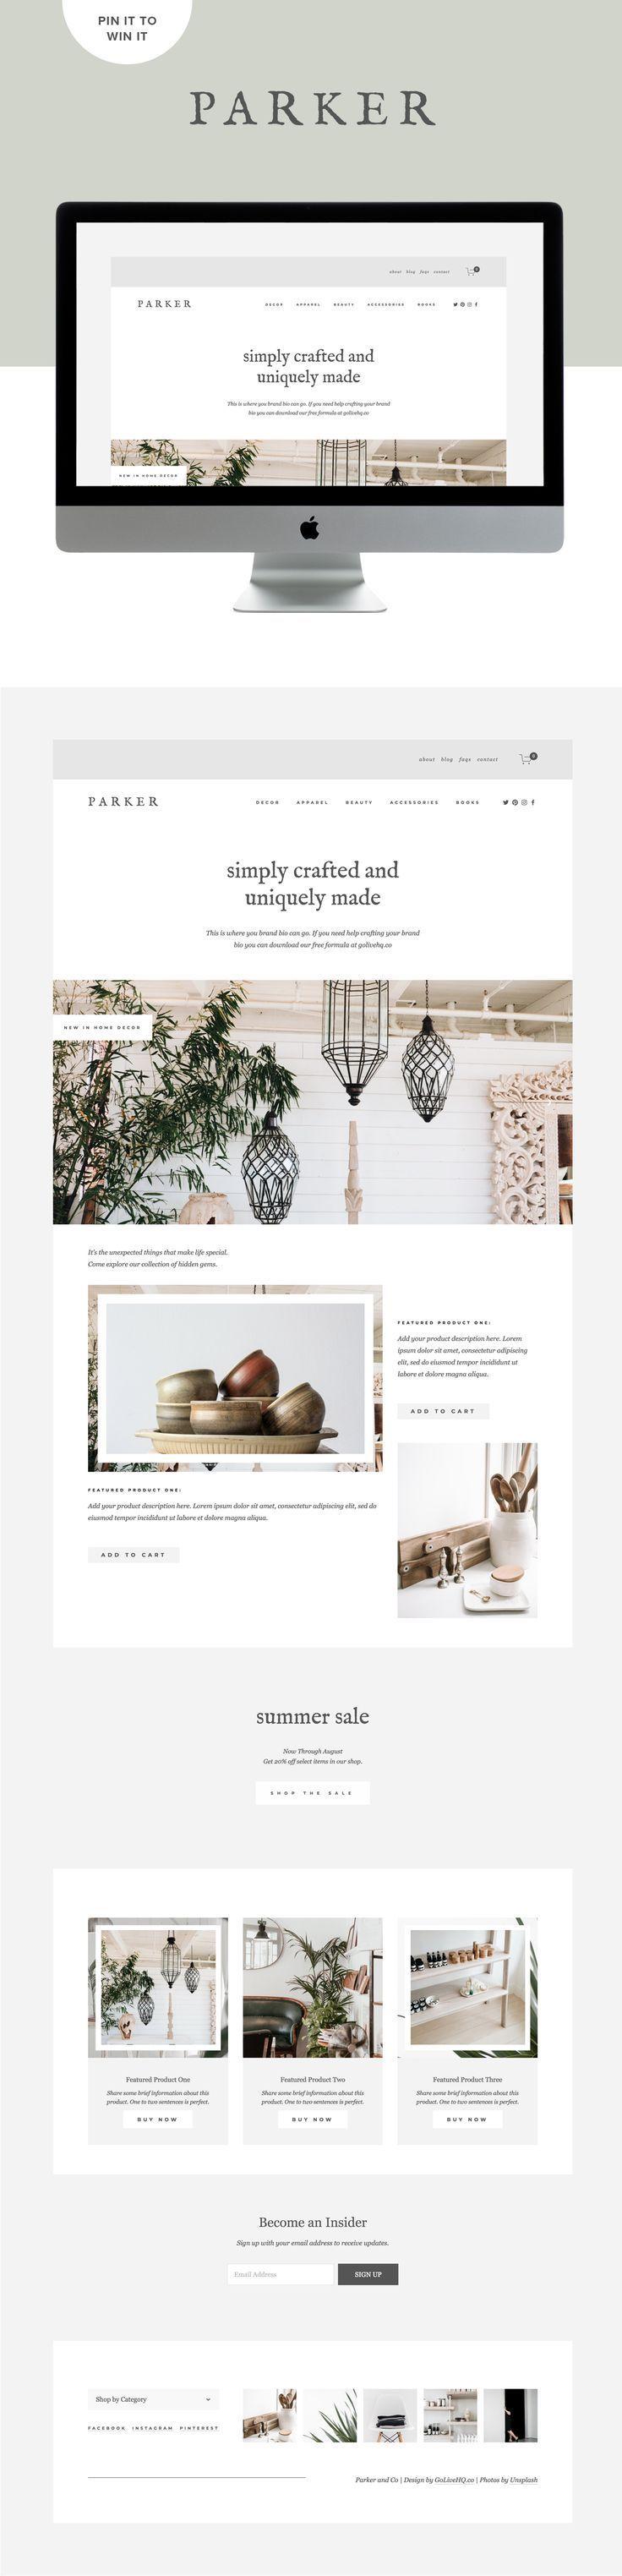 Modern Minimal E Commerce Website Design For Shops Design By Go Live Hq Web Design Web Design Trends Website Design